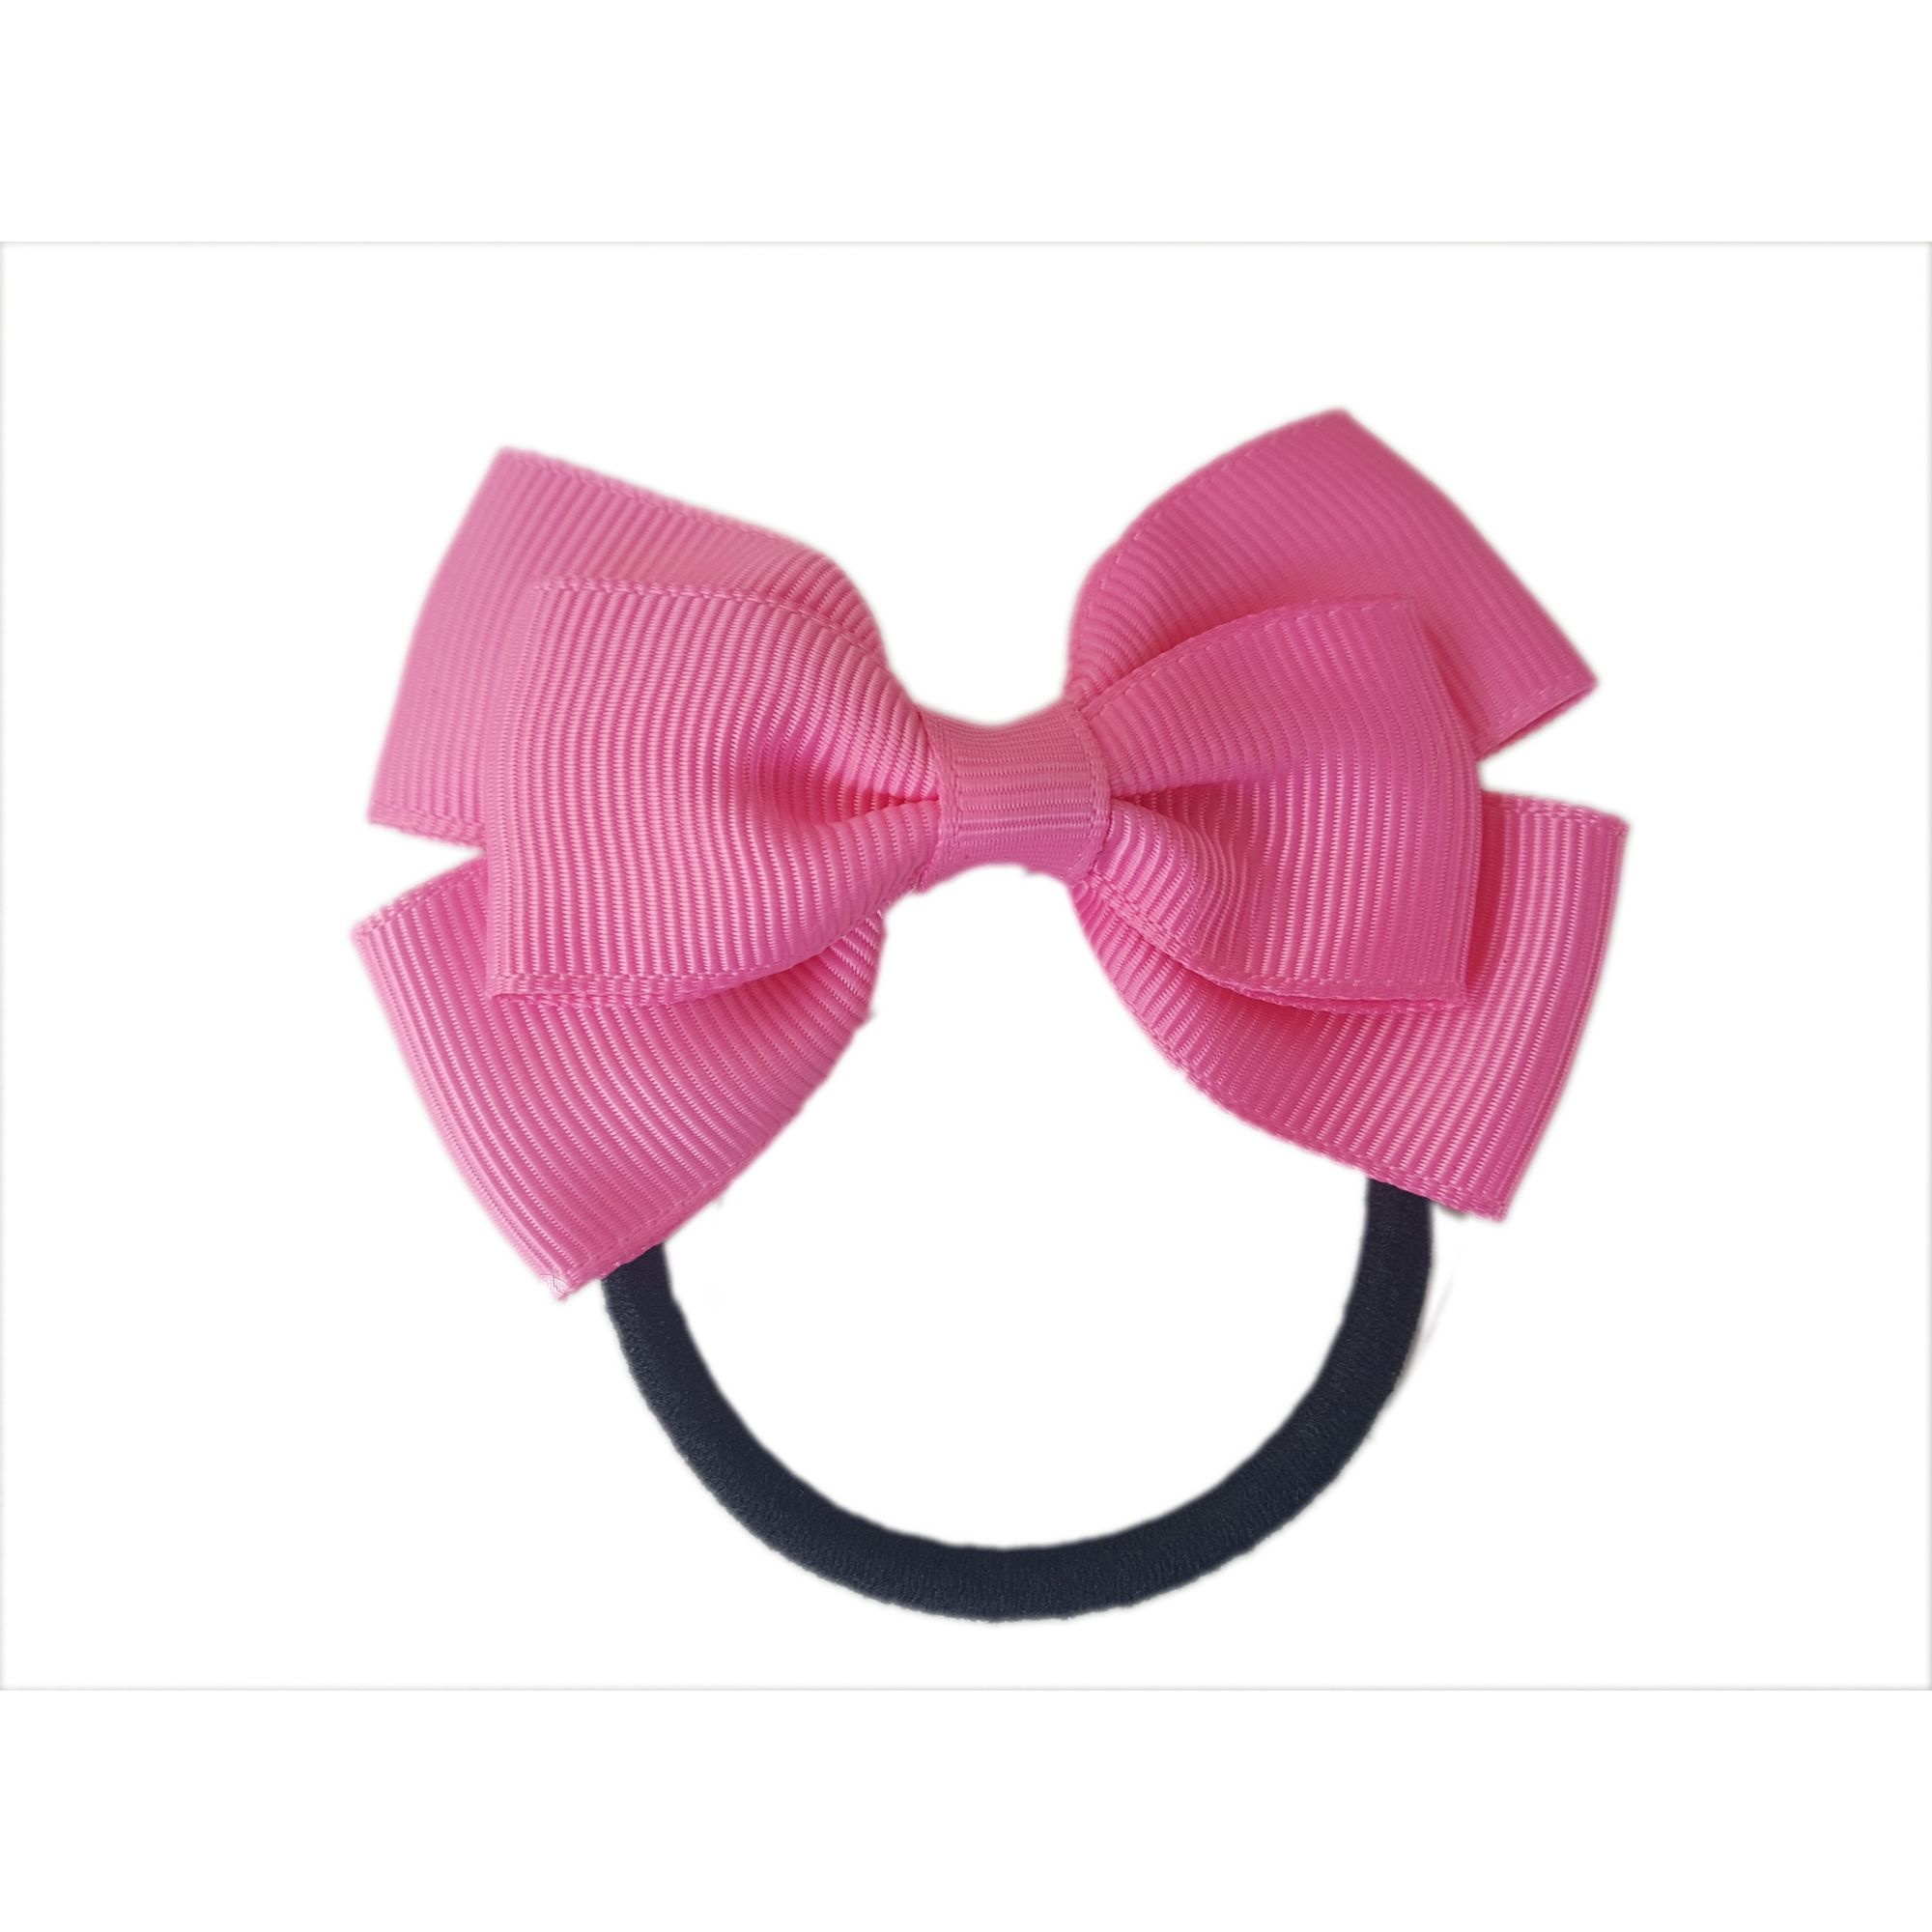 Laco-com-elastico-maria-chiquinha-rosa-Lacos-da-Sorte-loja-EcaMeleca-Kids